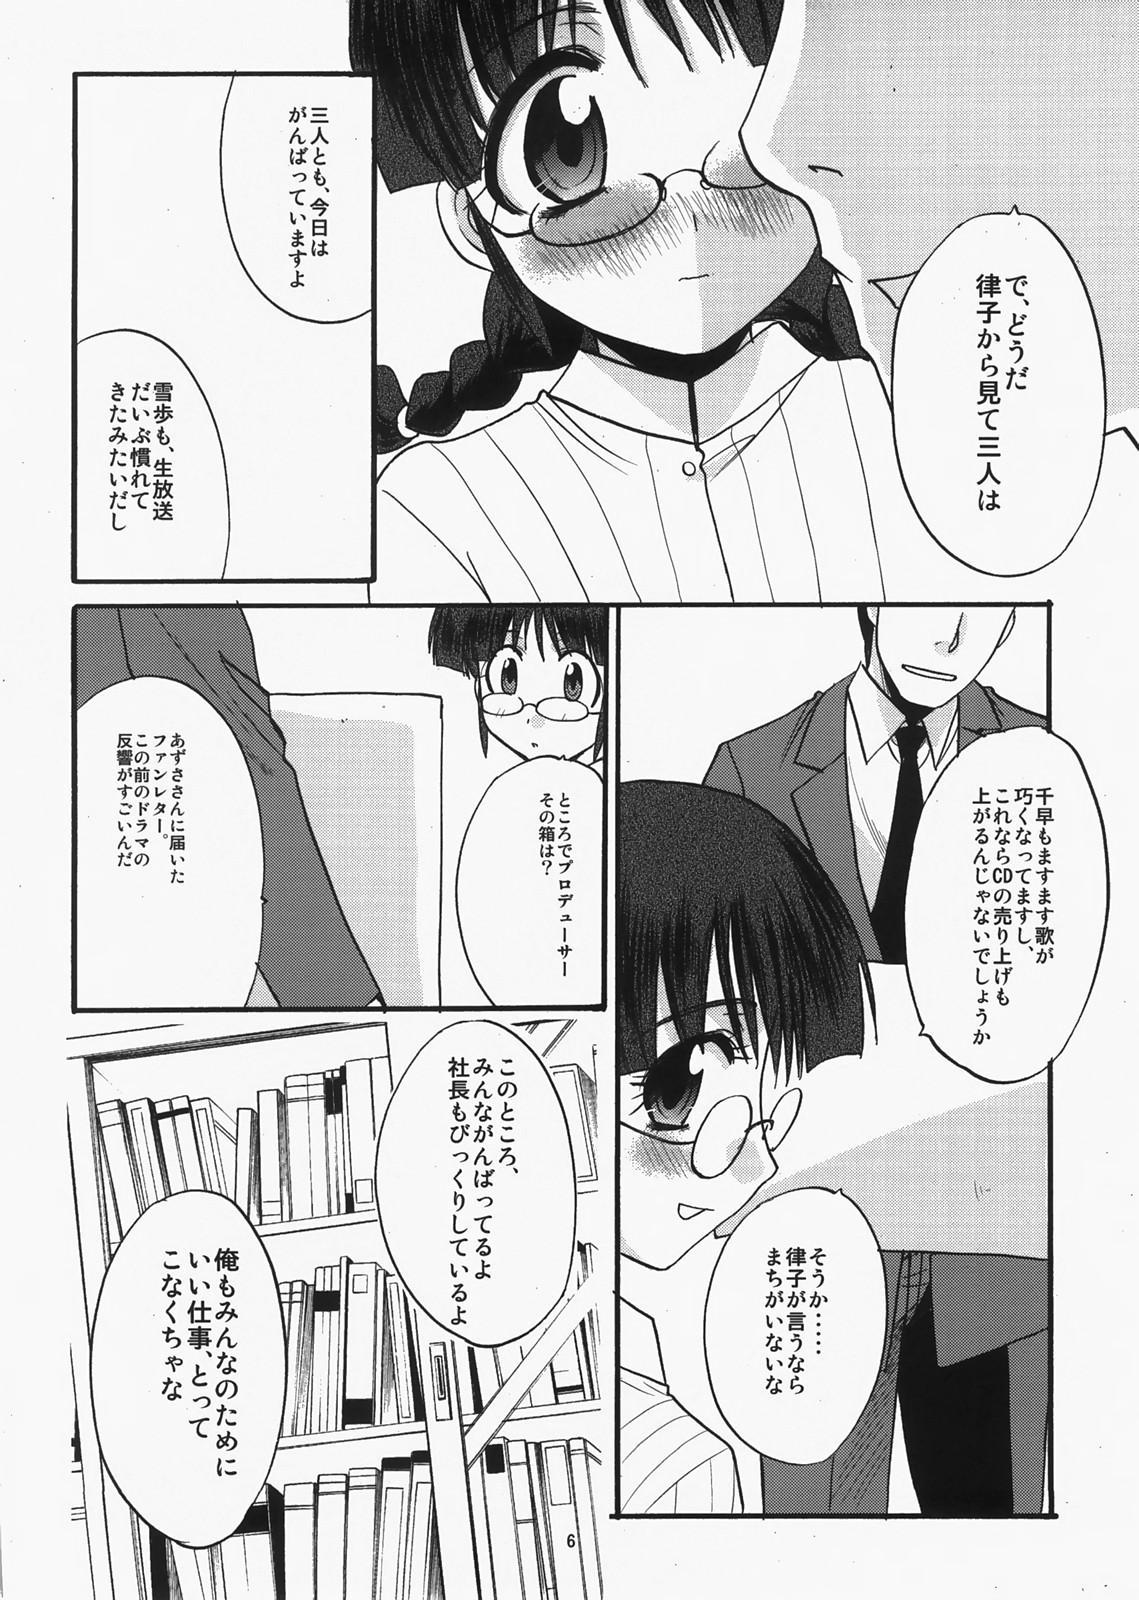 Ricchan wa Kawaii no Desuyo 6